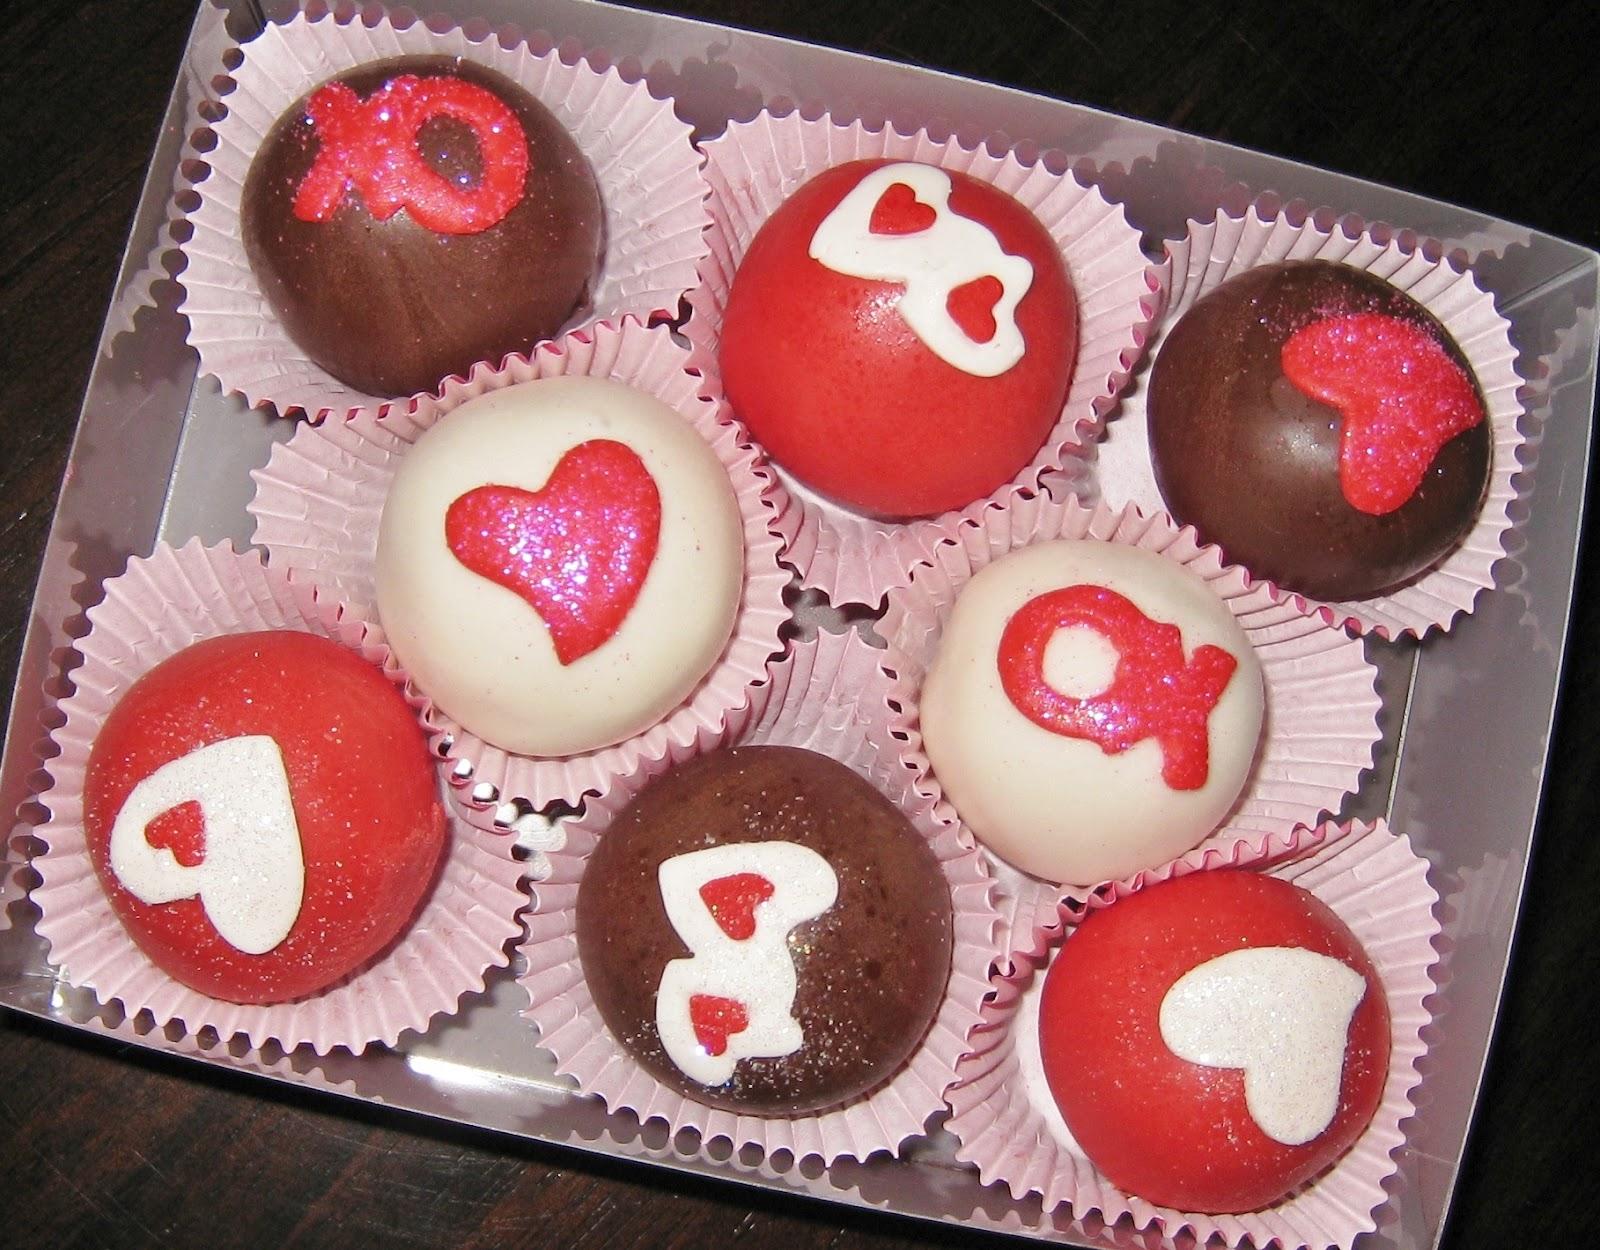 valentines-day-cakes-cupcakes-mumbai-18